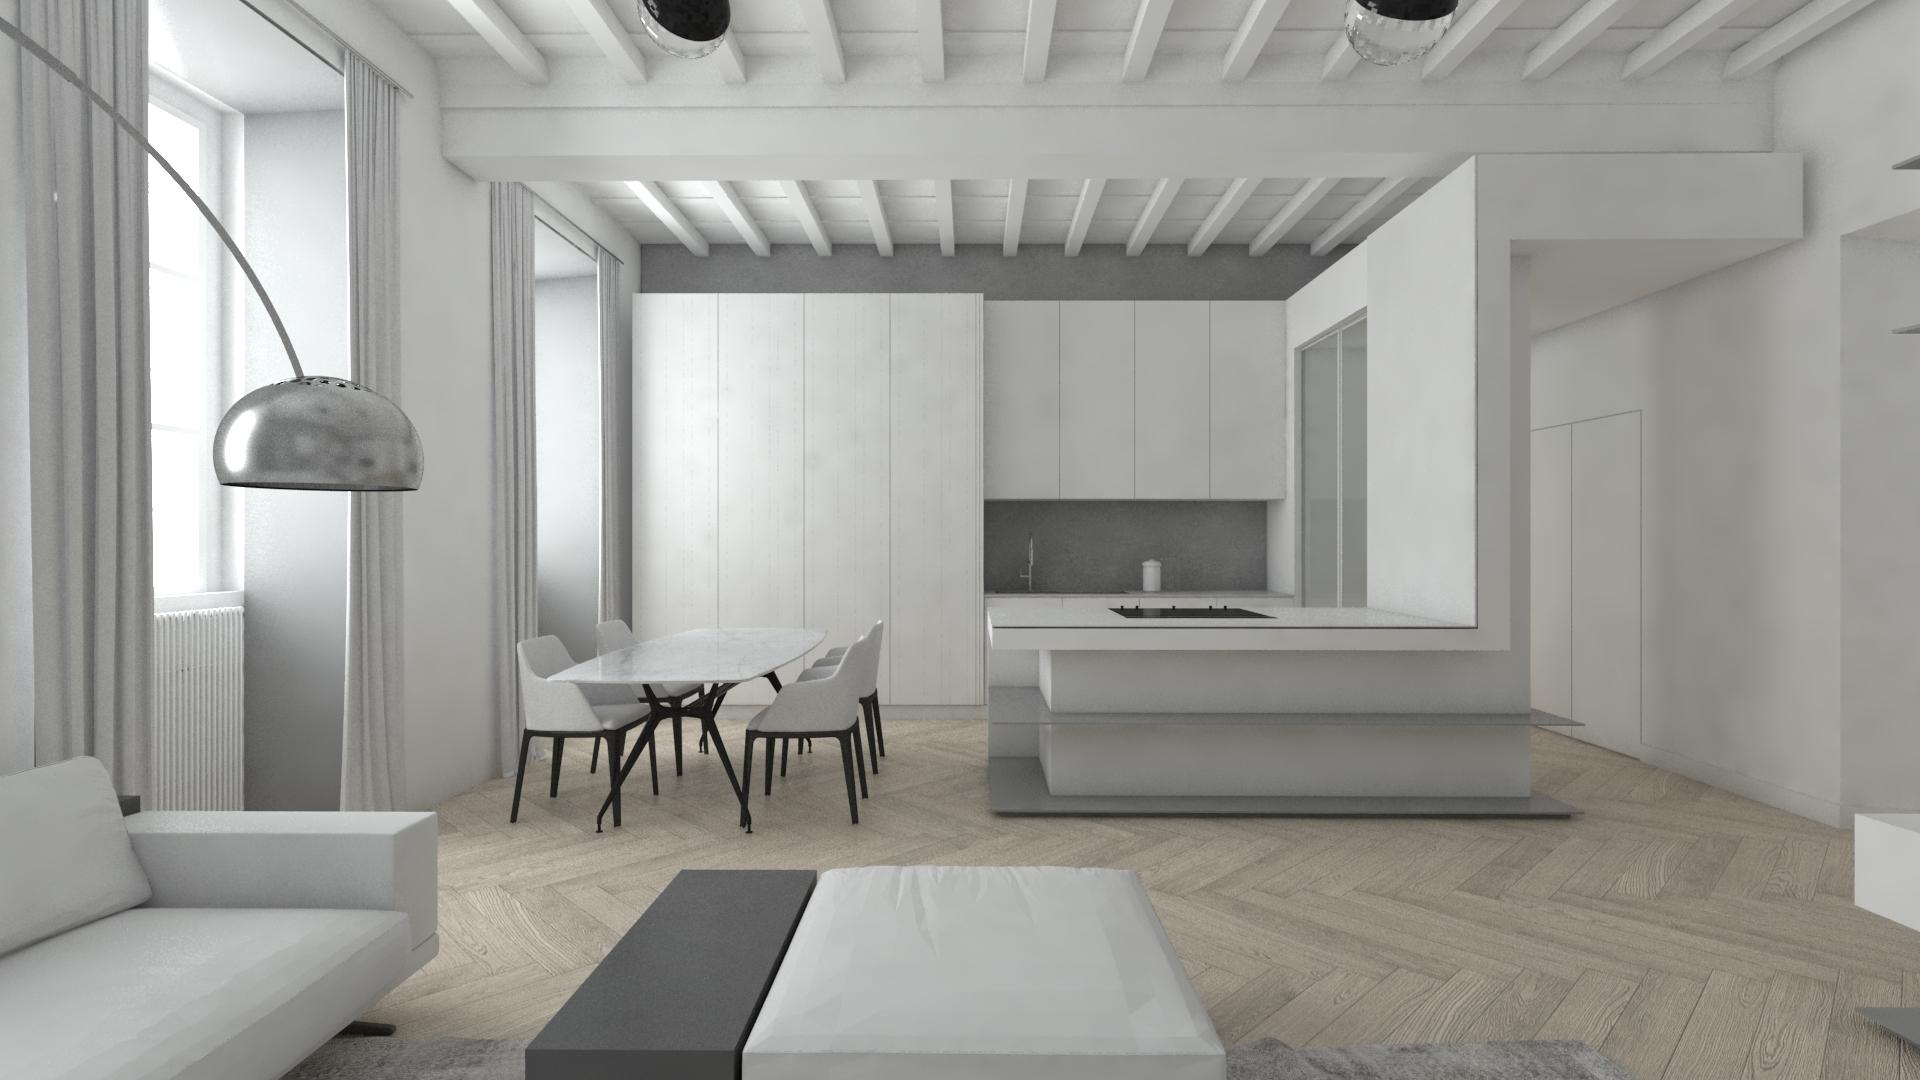 DFG-Architetti-Luce-Spazio-e-Memori-a-Palazzo-Giannini-eredità-del-700-5